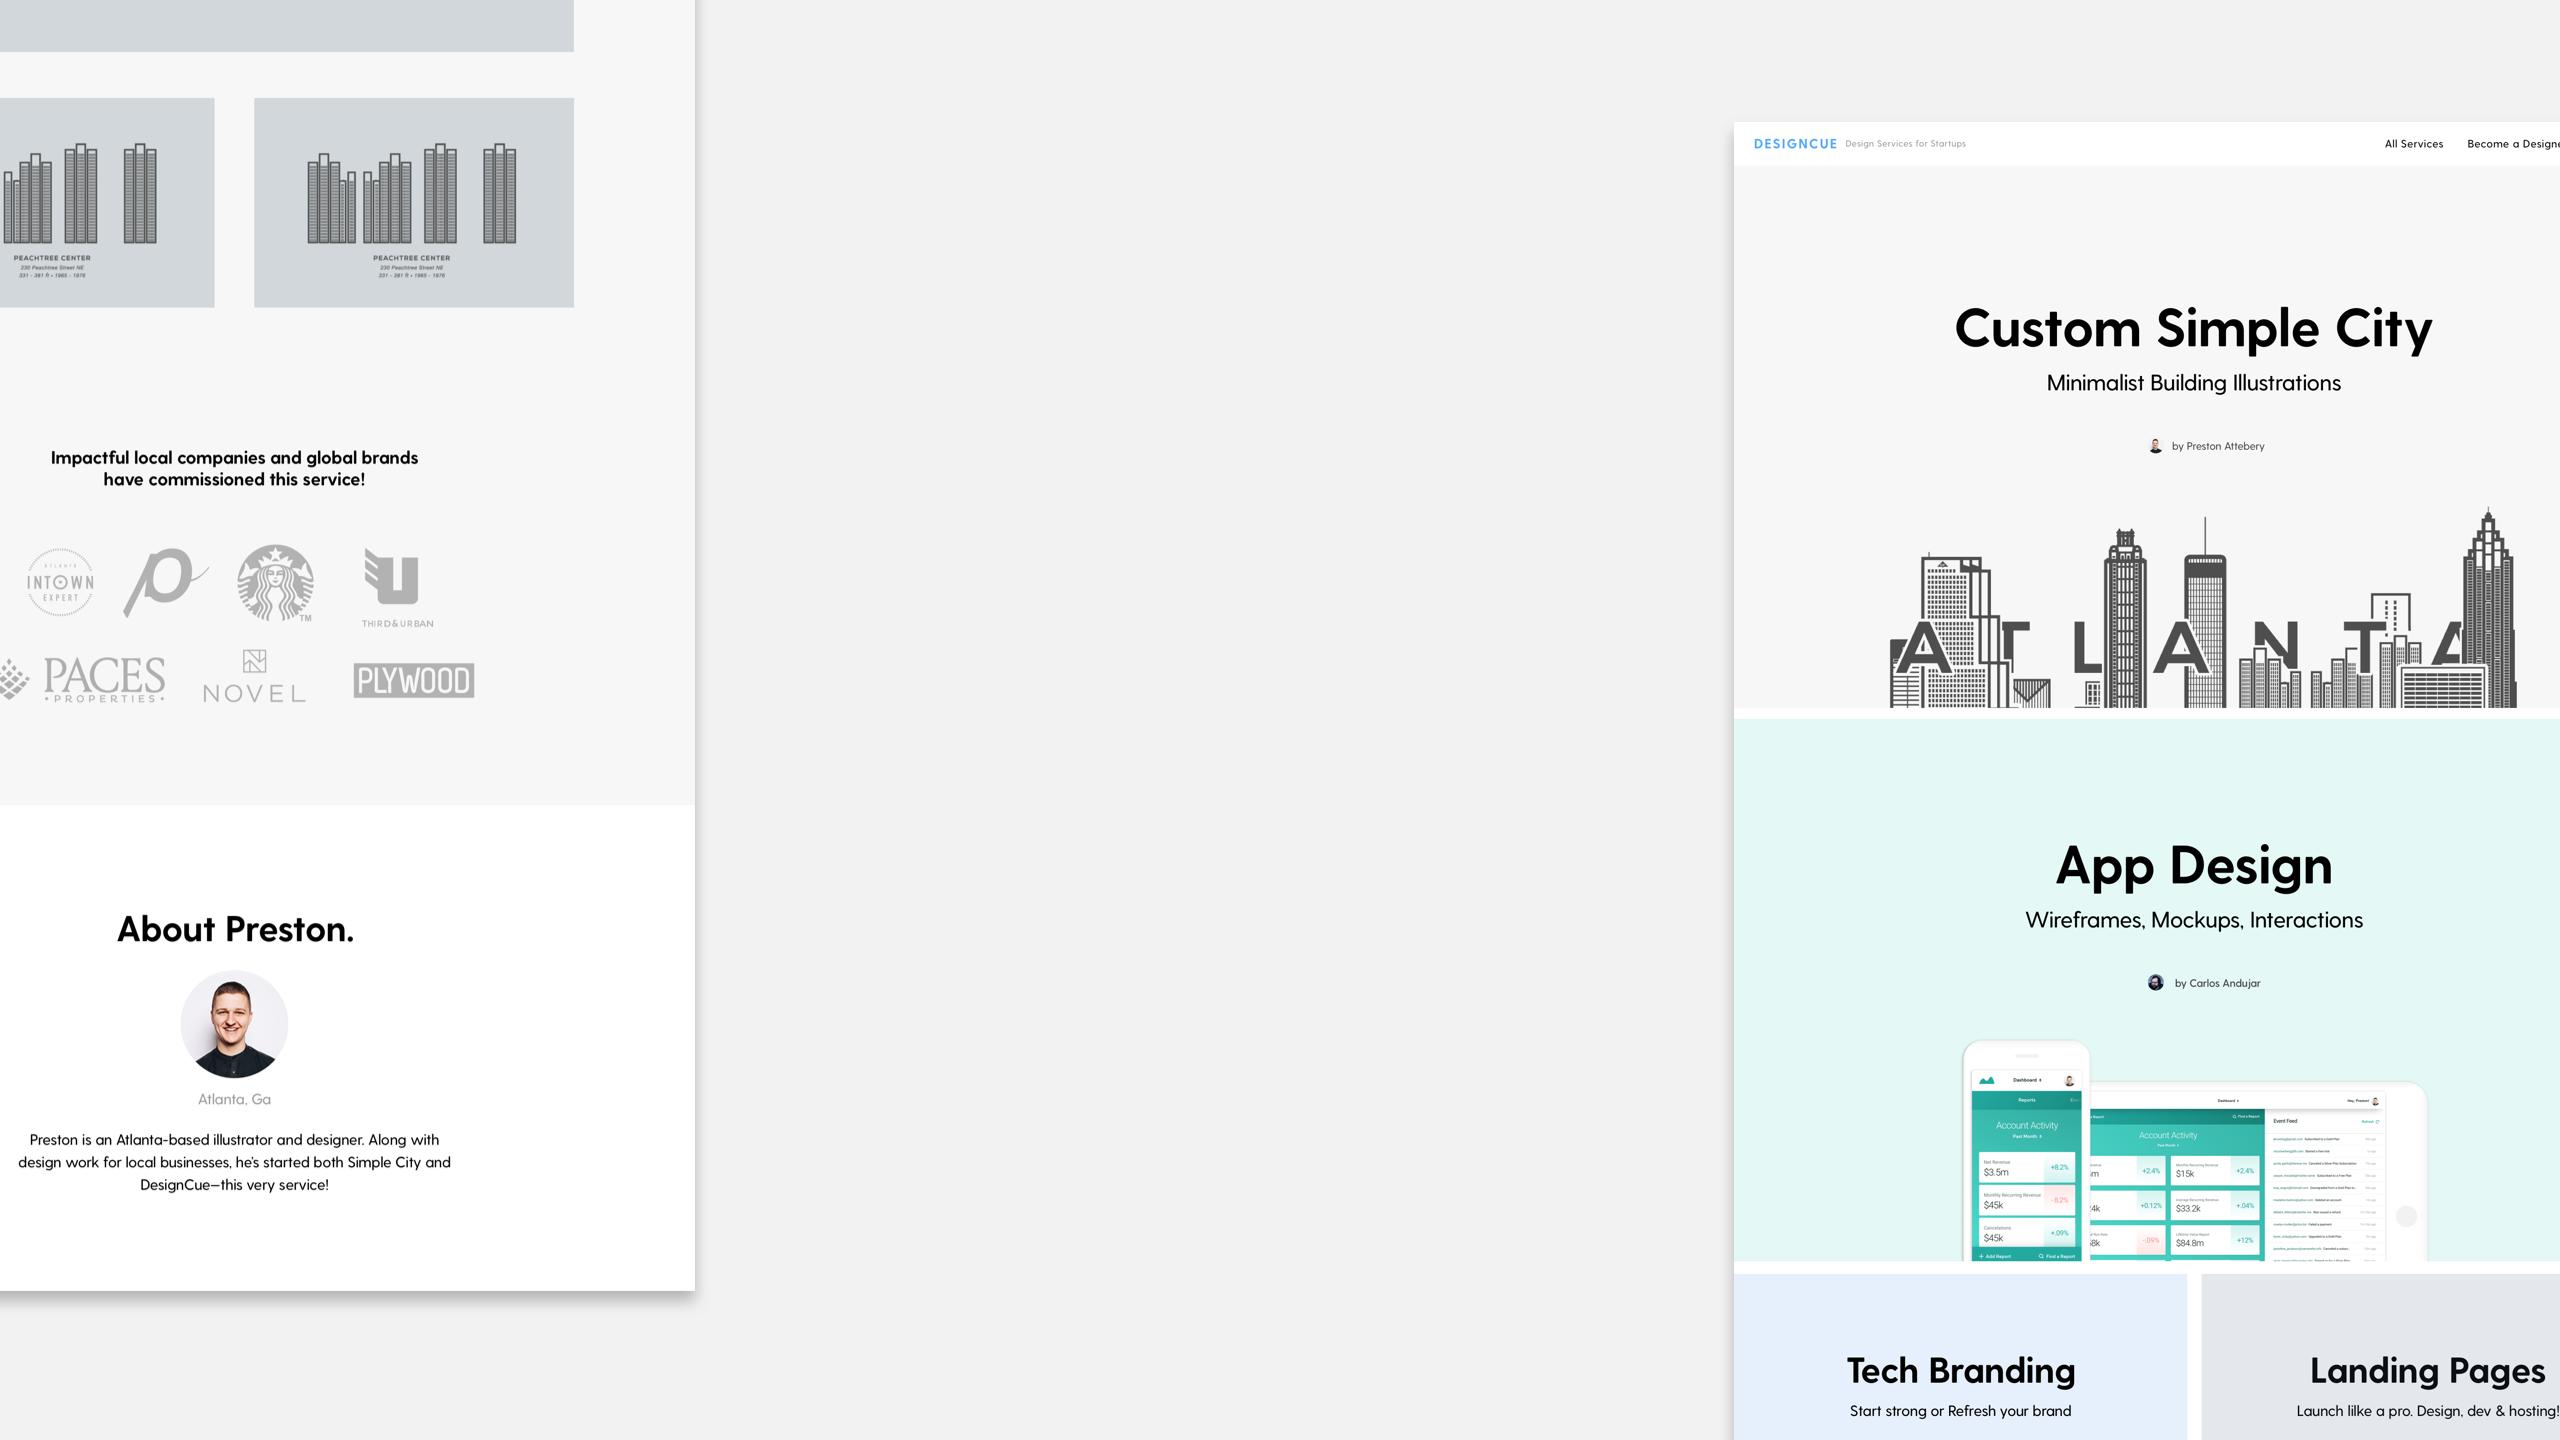 DesignCue 2.0